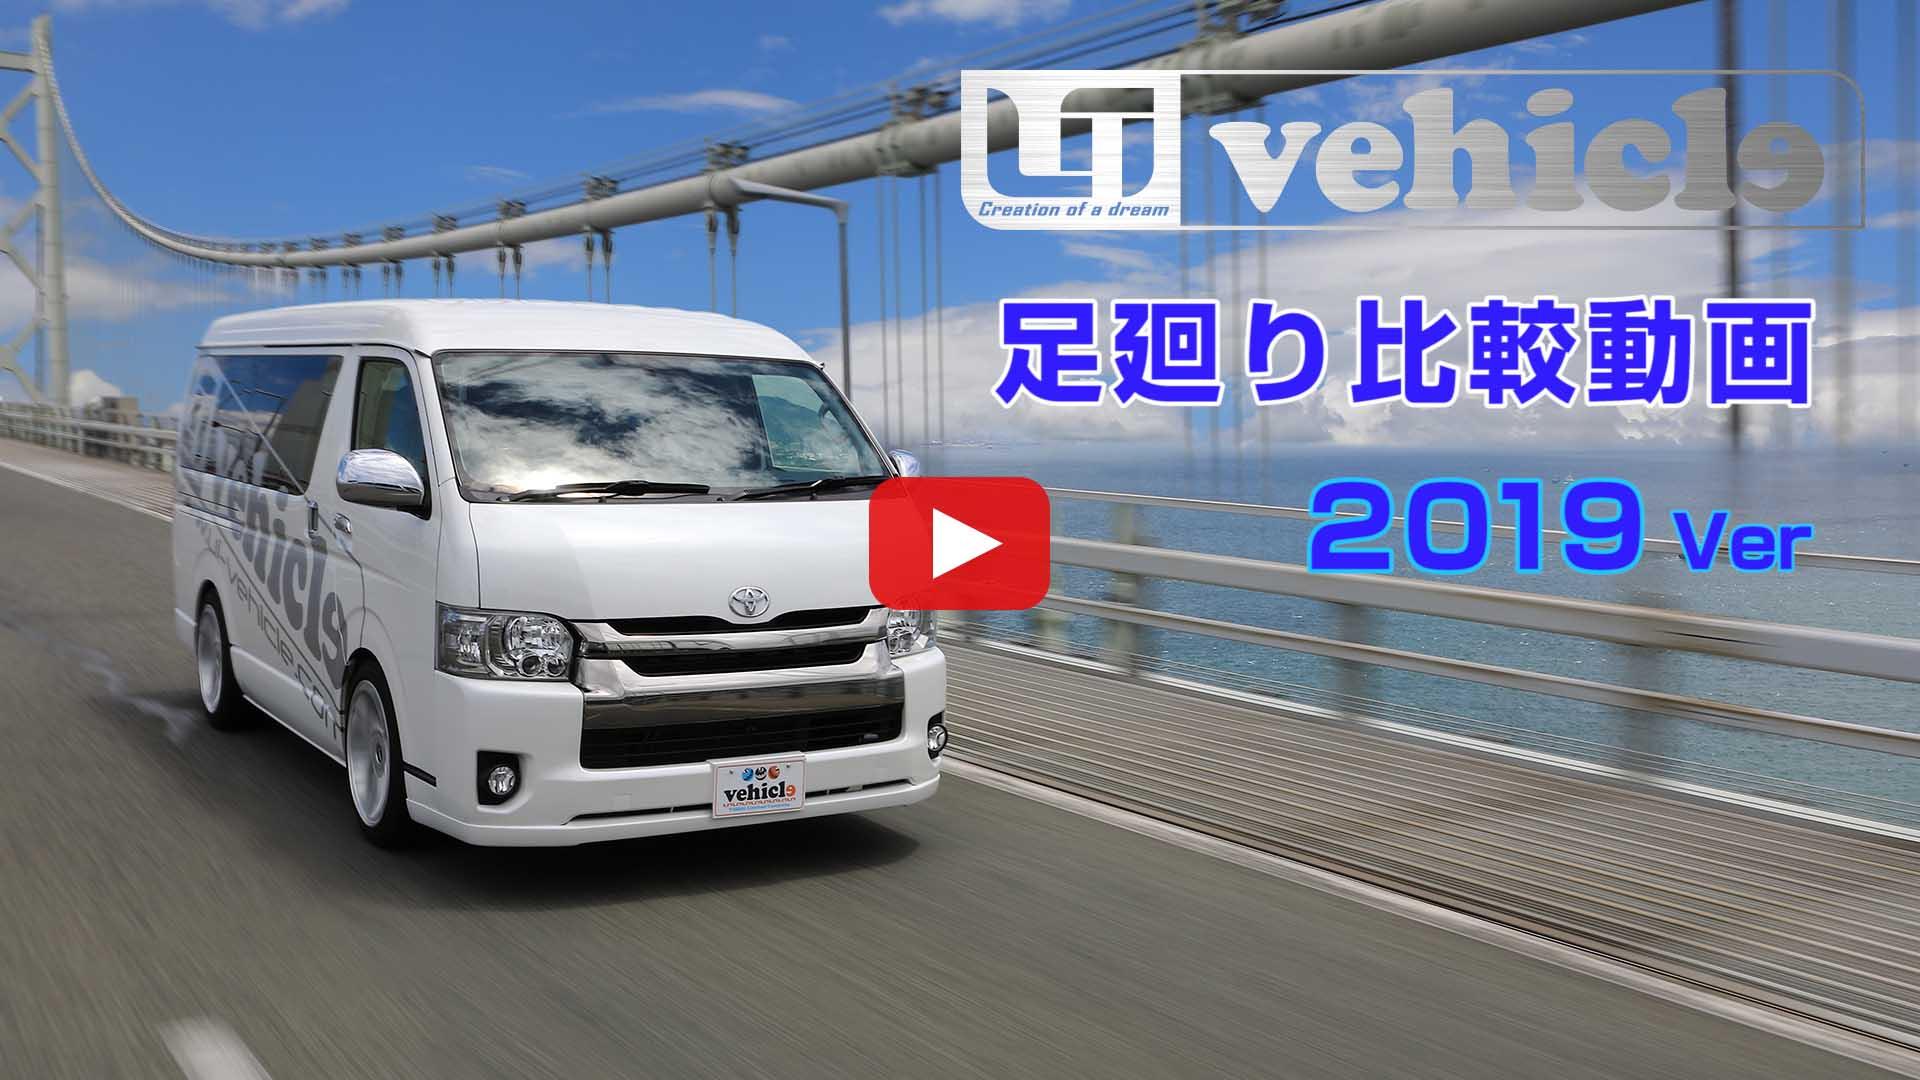 ハイエース200系 乗り心地改善 足廻り比較動画 2019 Ver動画